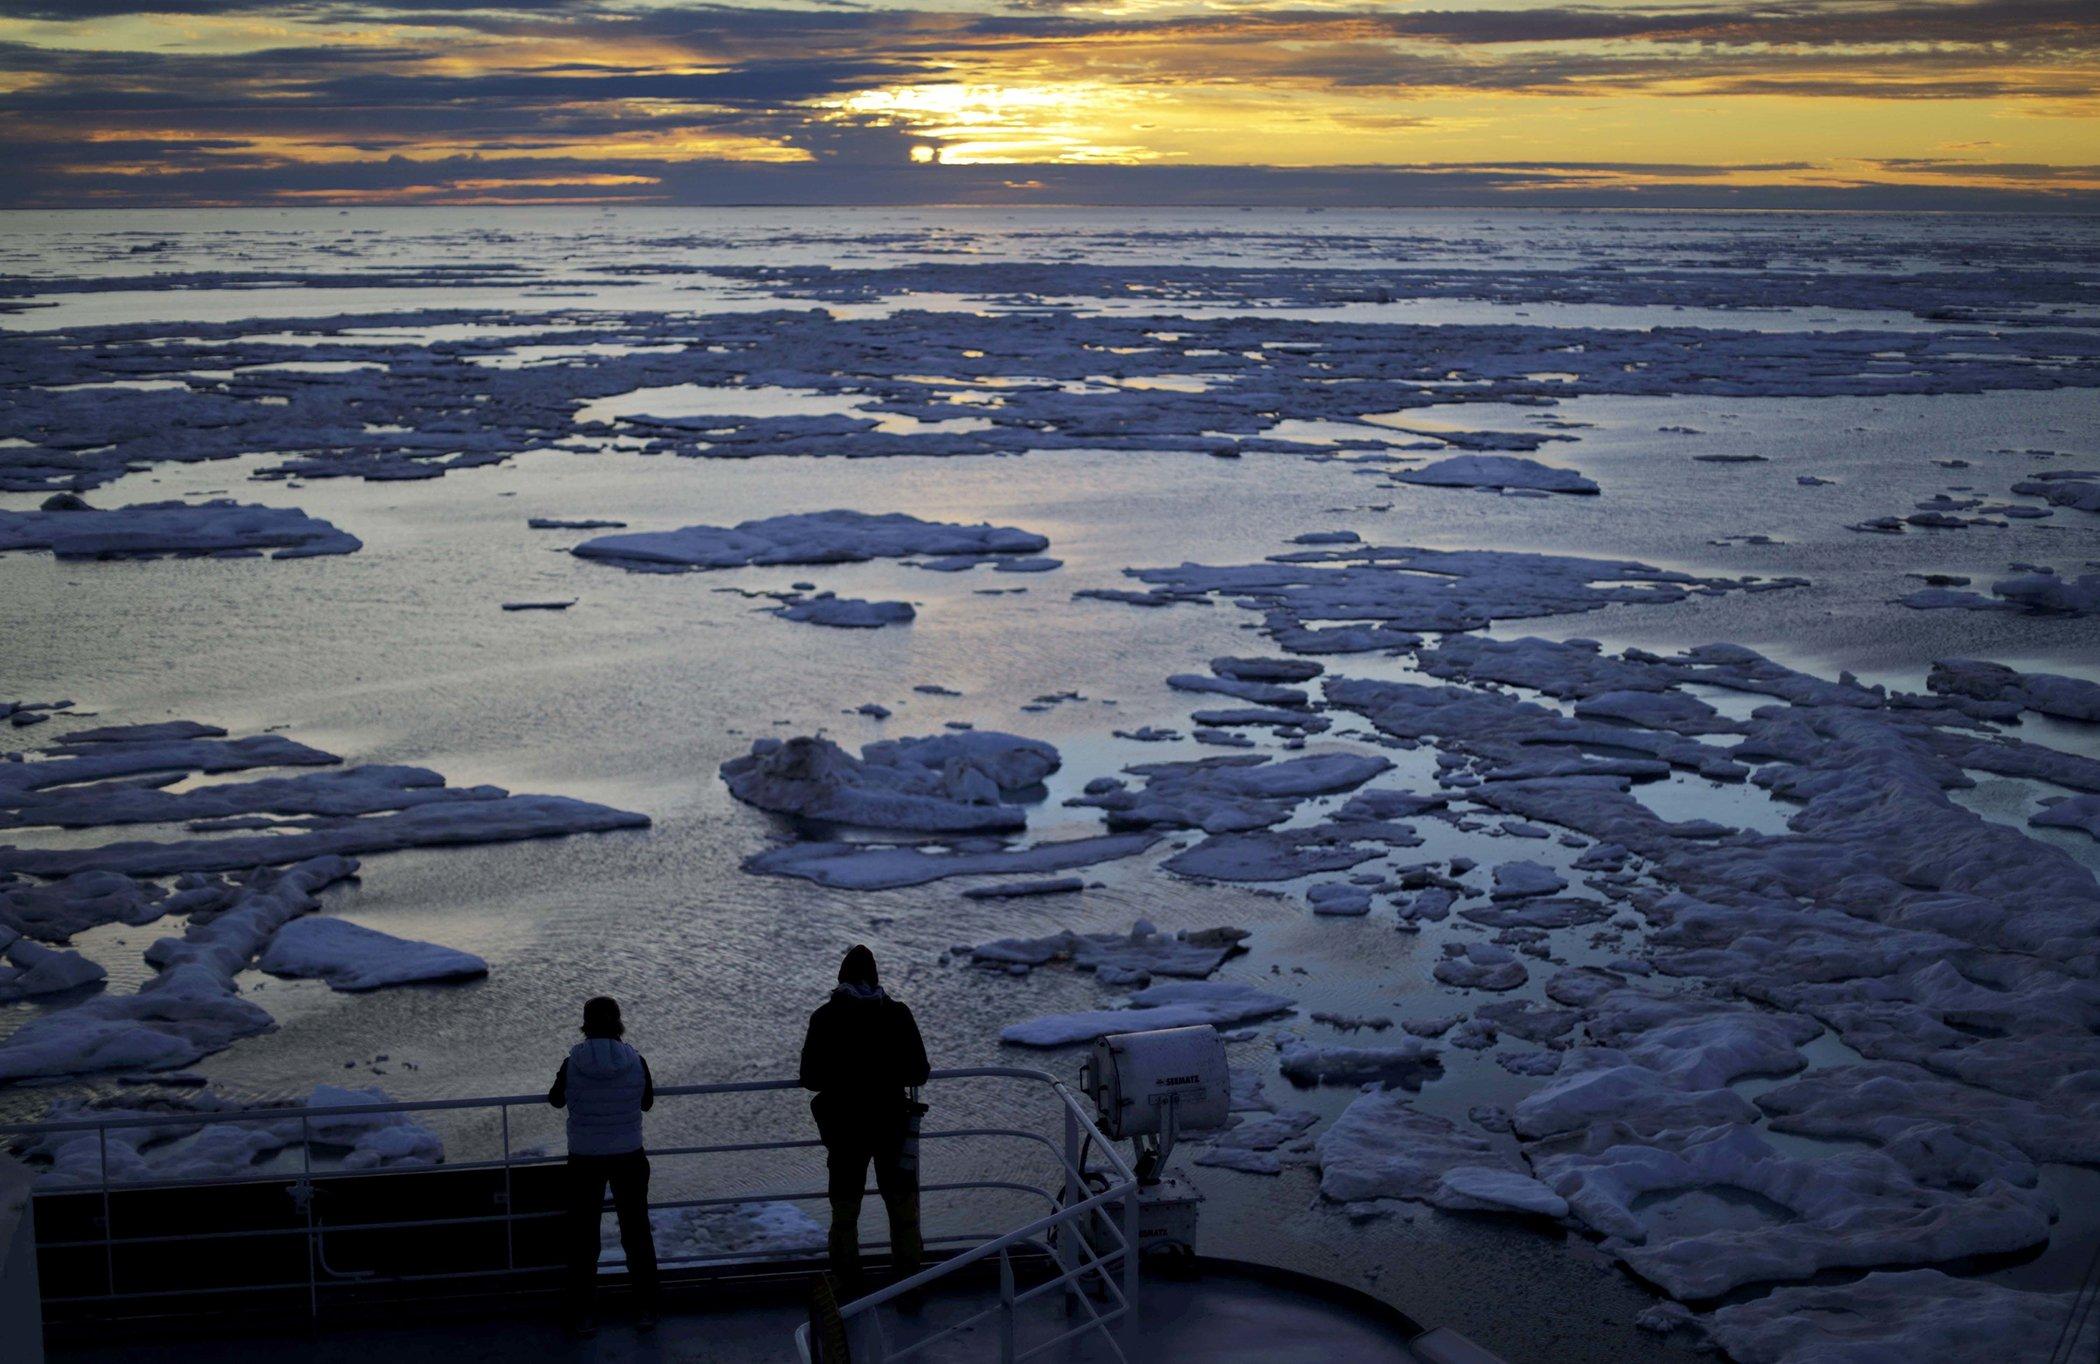 Ученые назвали страны, которые исчезнут из-за глобального потепления